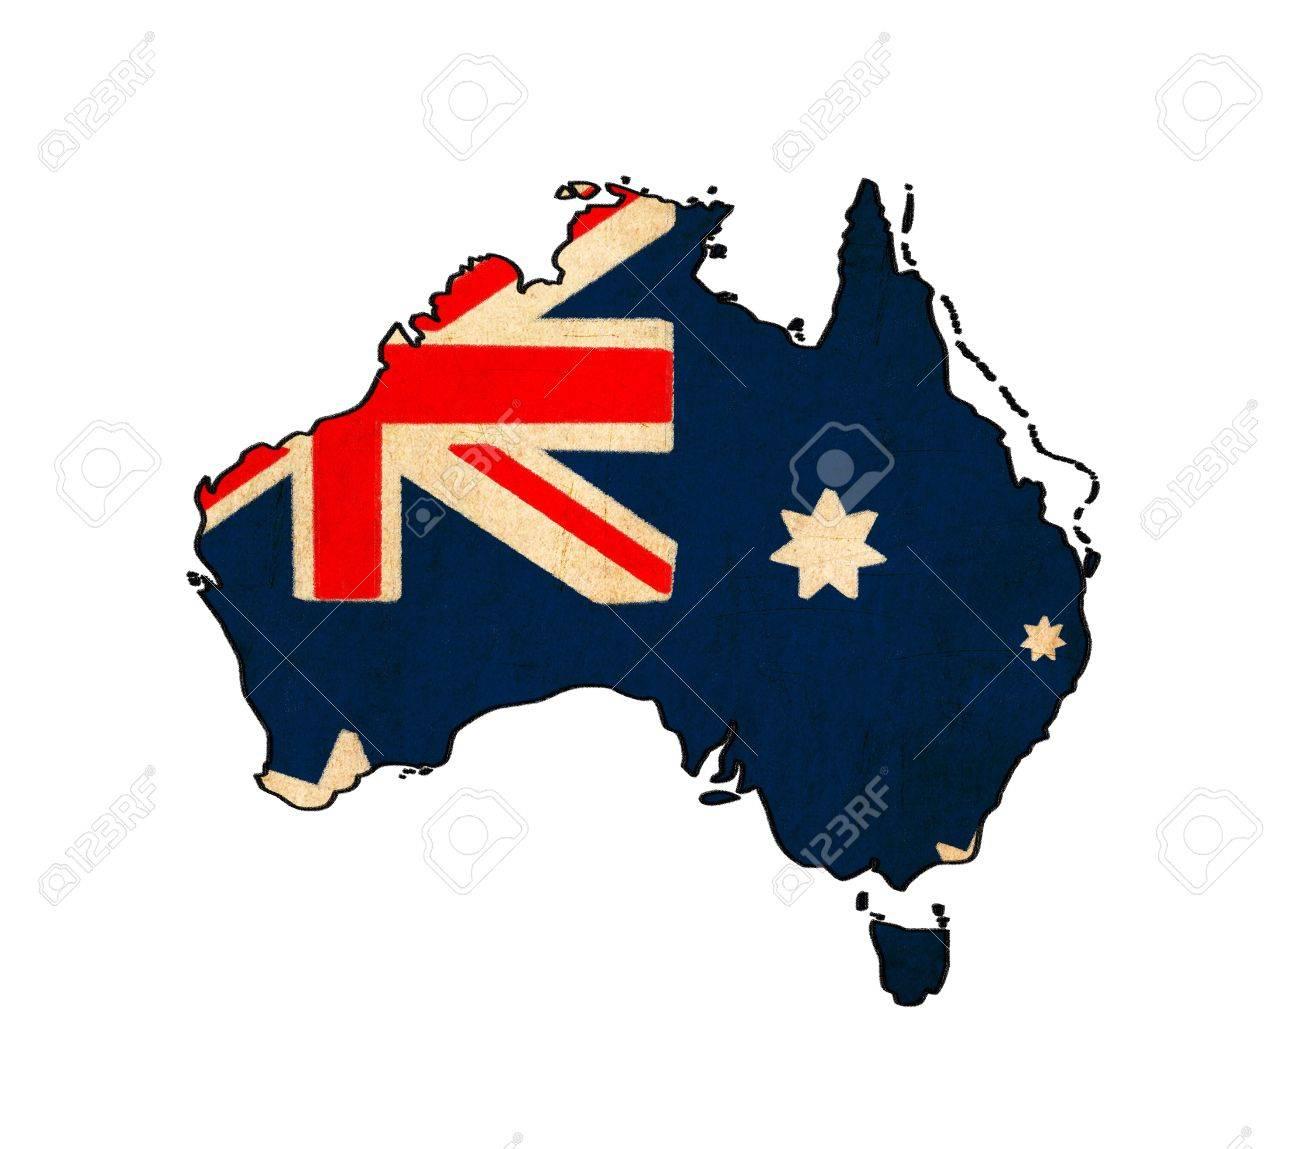 Carte Australie Drapeau.Carte De L Australie Sur Le Dessin Drapeau De L Australie Grunge Et Retro Flag Series